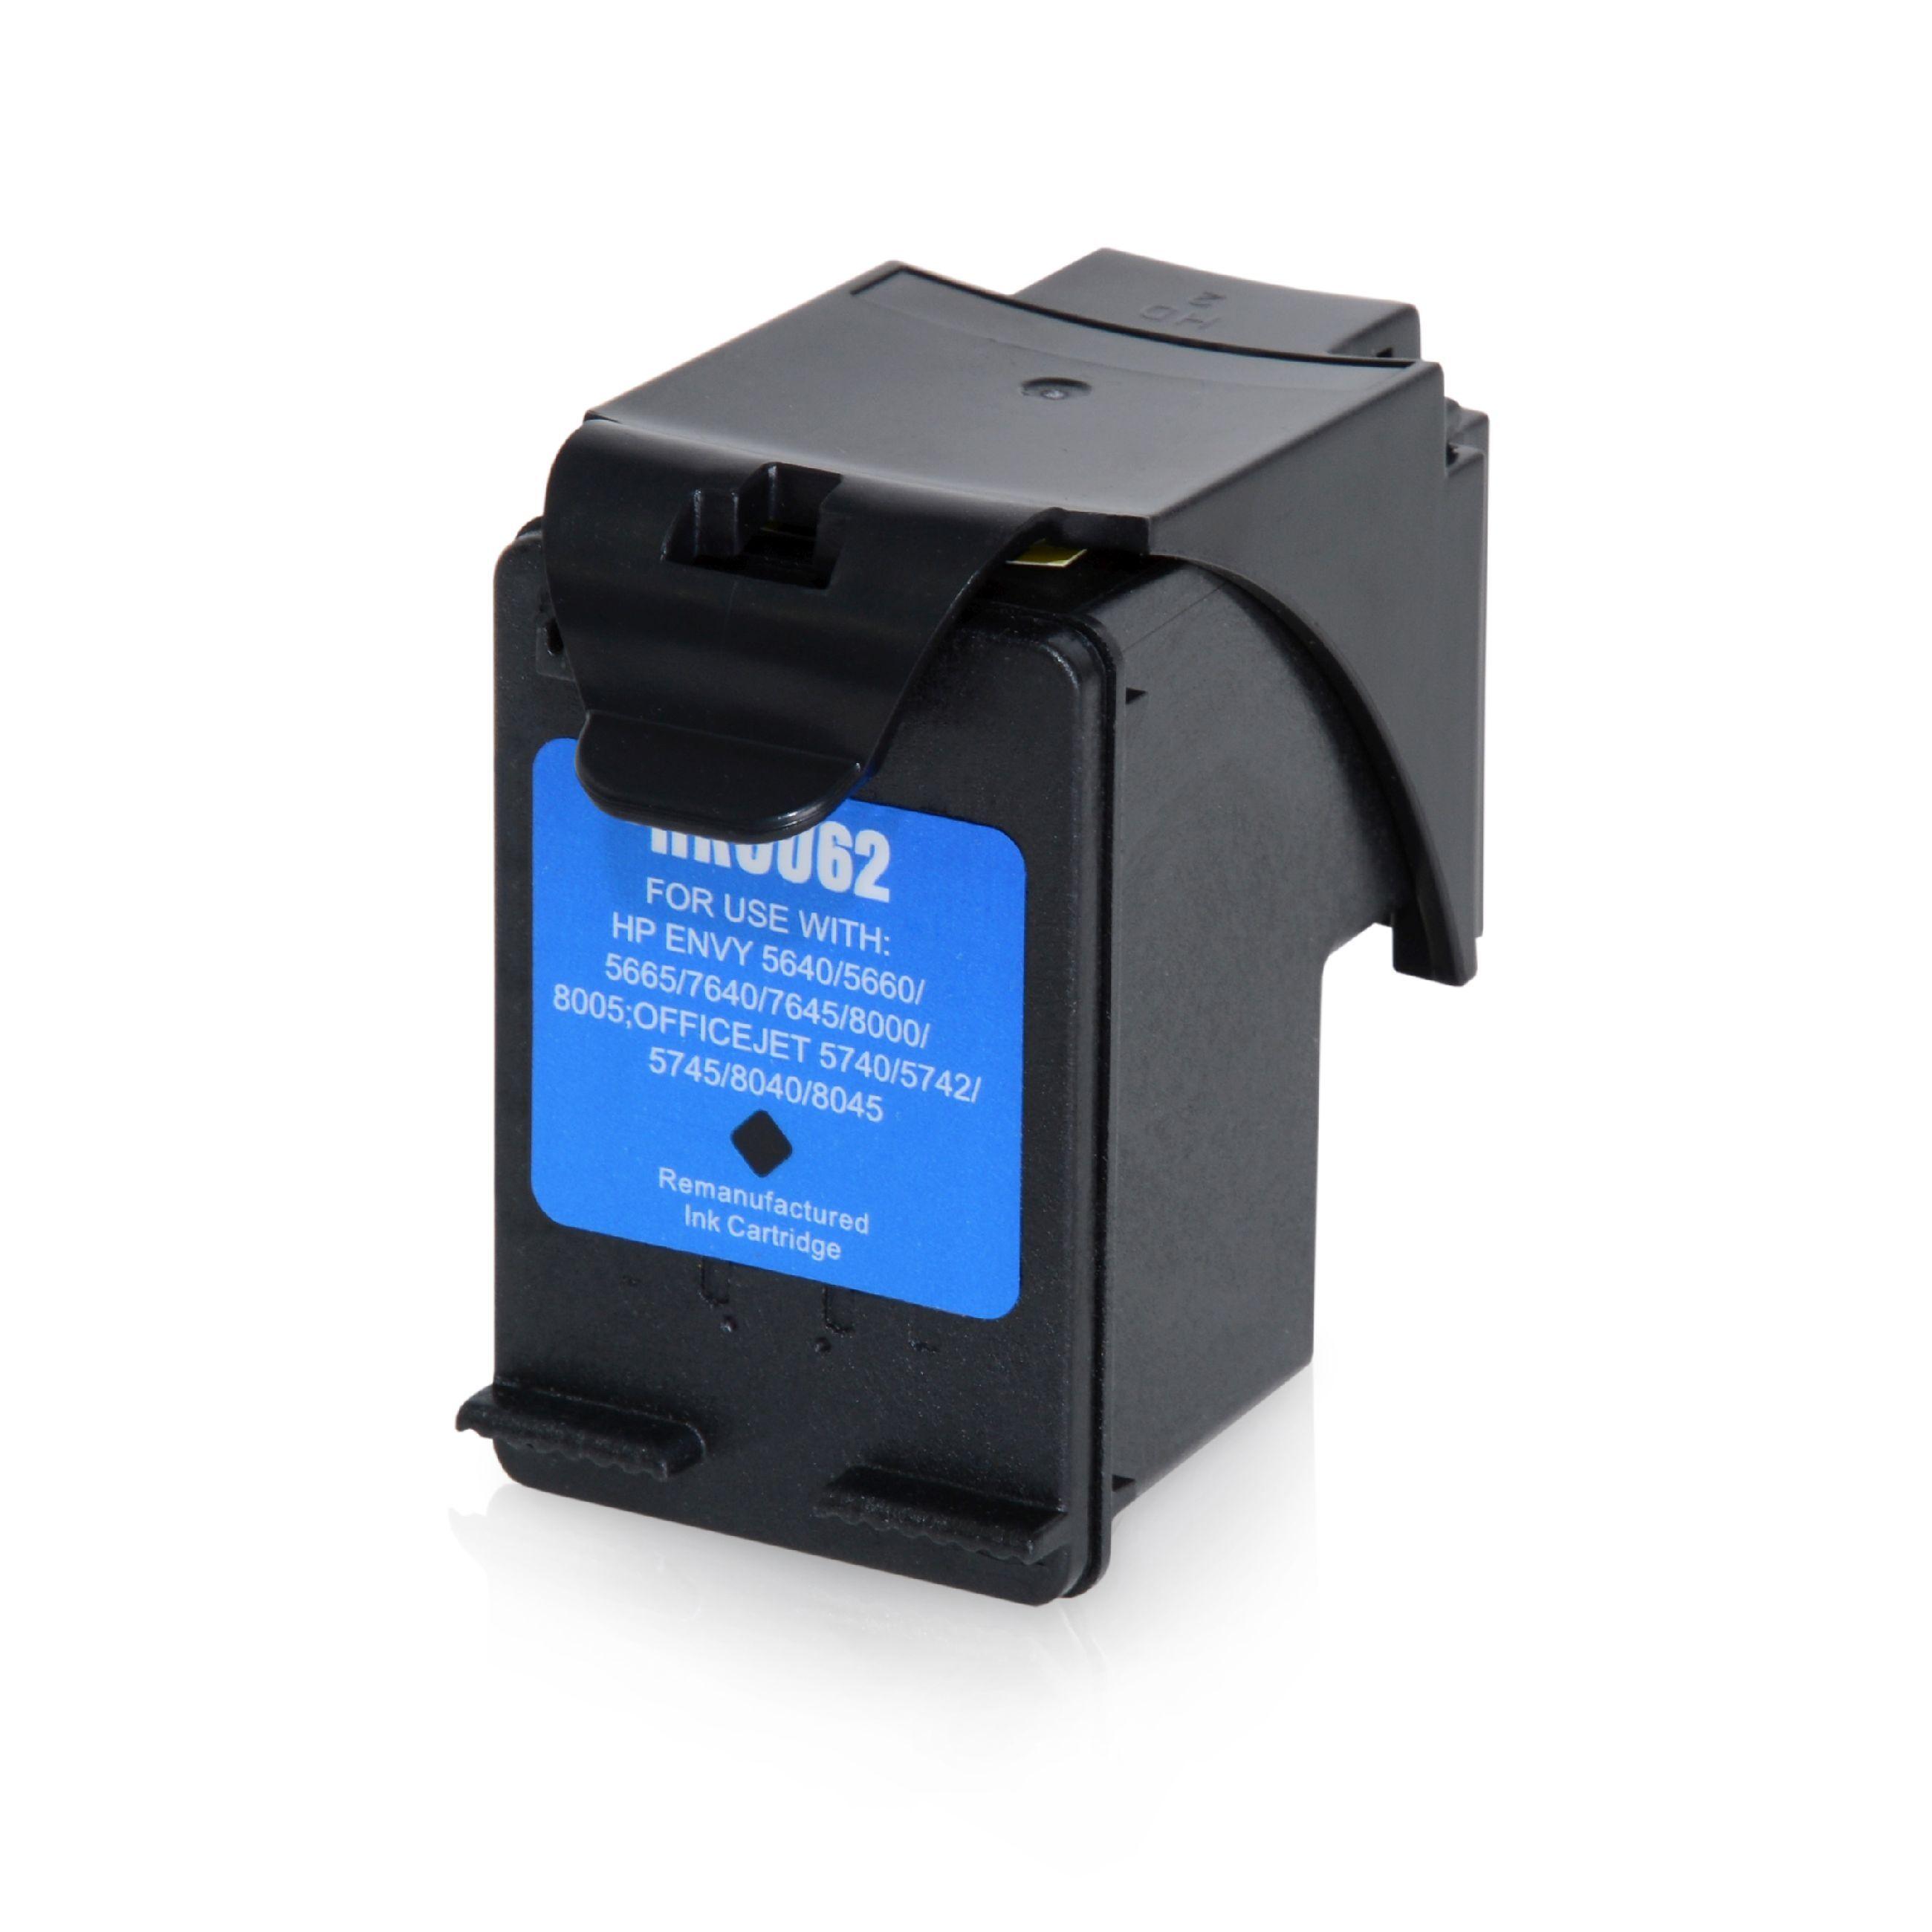 HP Cartouche d'encre pour HP C2P05AE / 62XL noir compatible (de marque ASC)